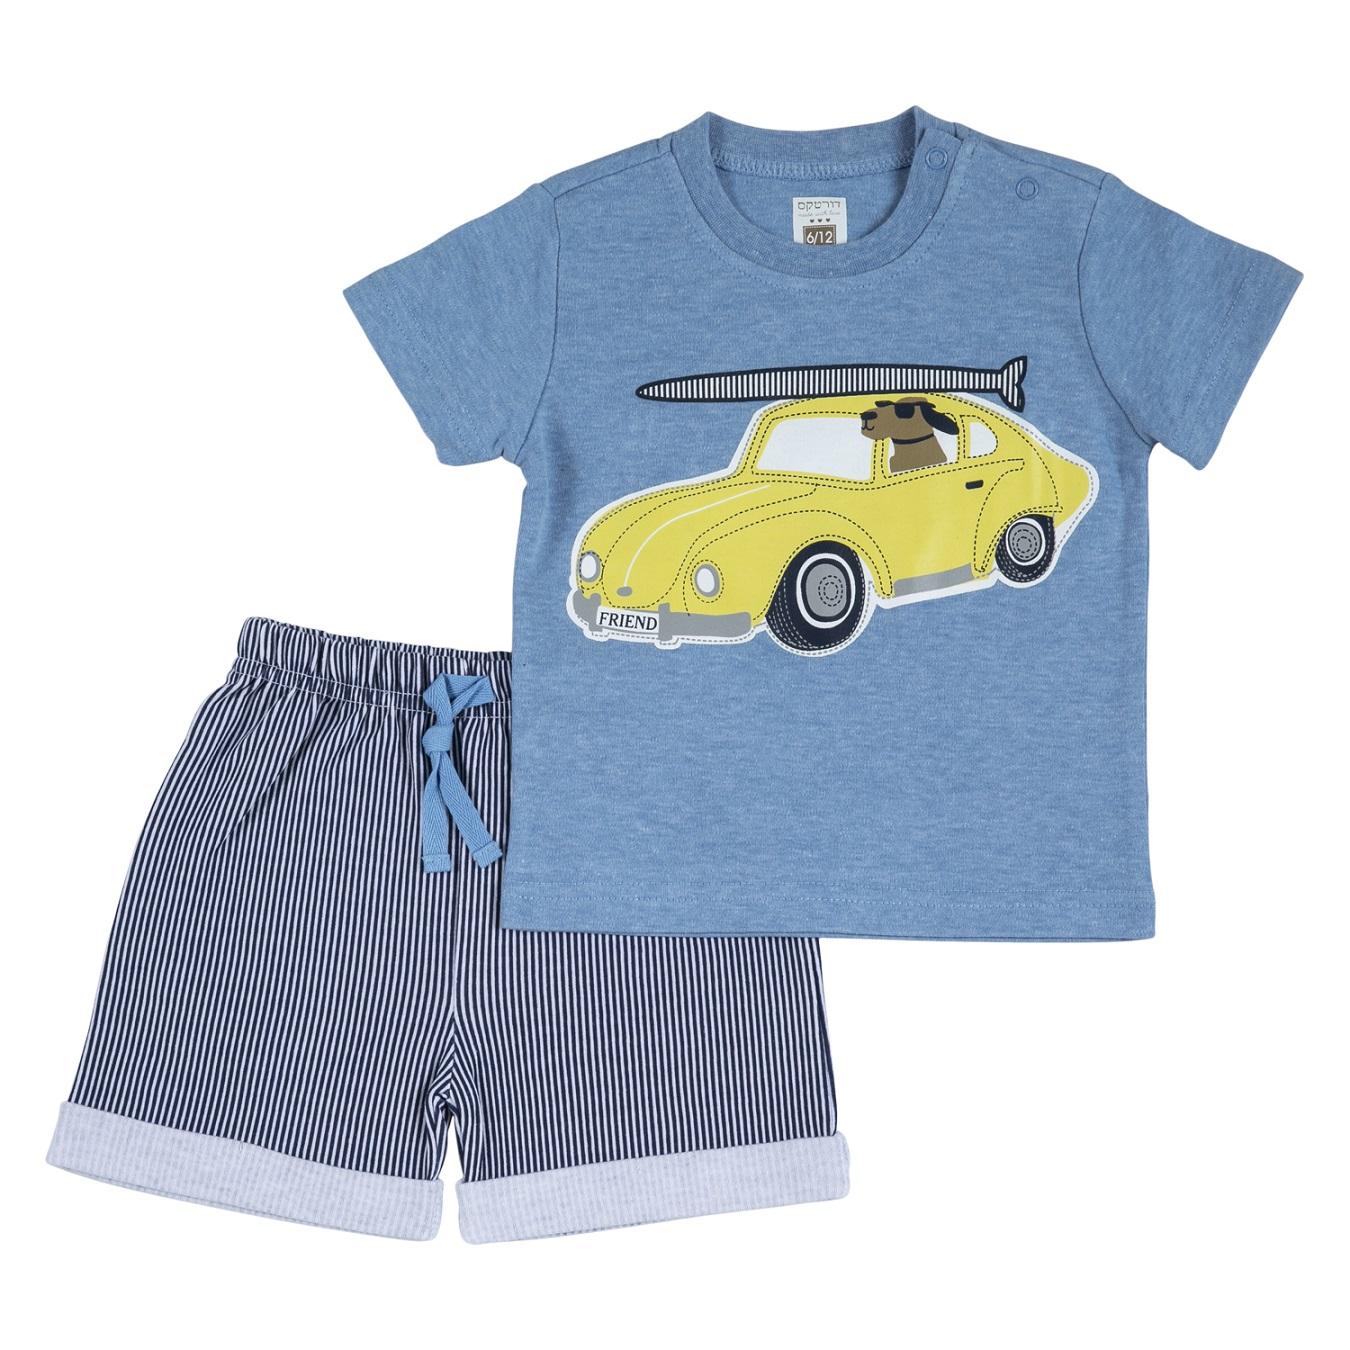 חליפה קצרה הדפס אוטו צהוב כחול מלאנג'